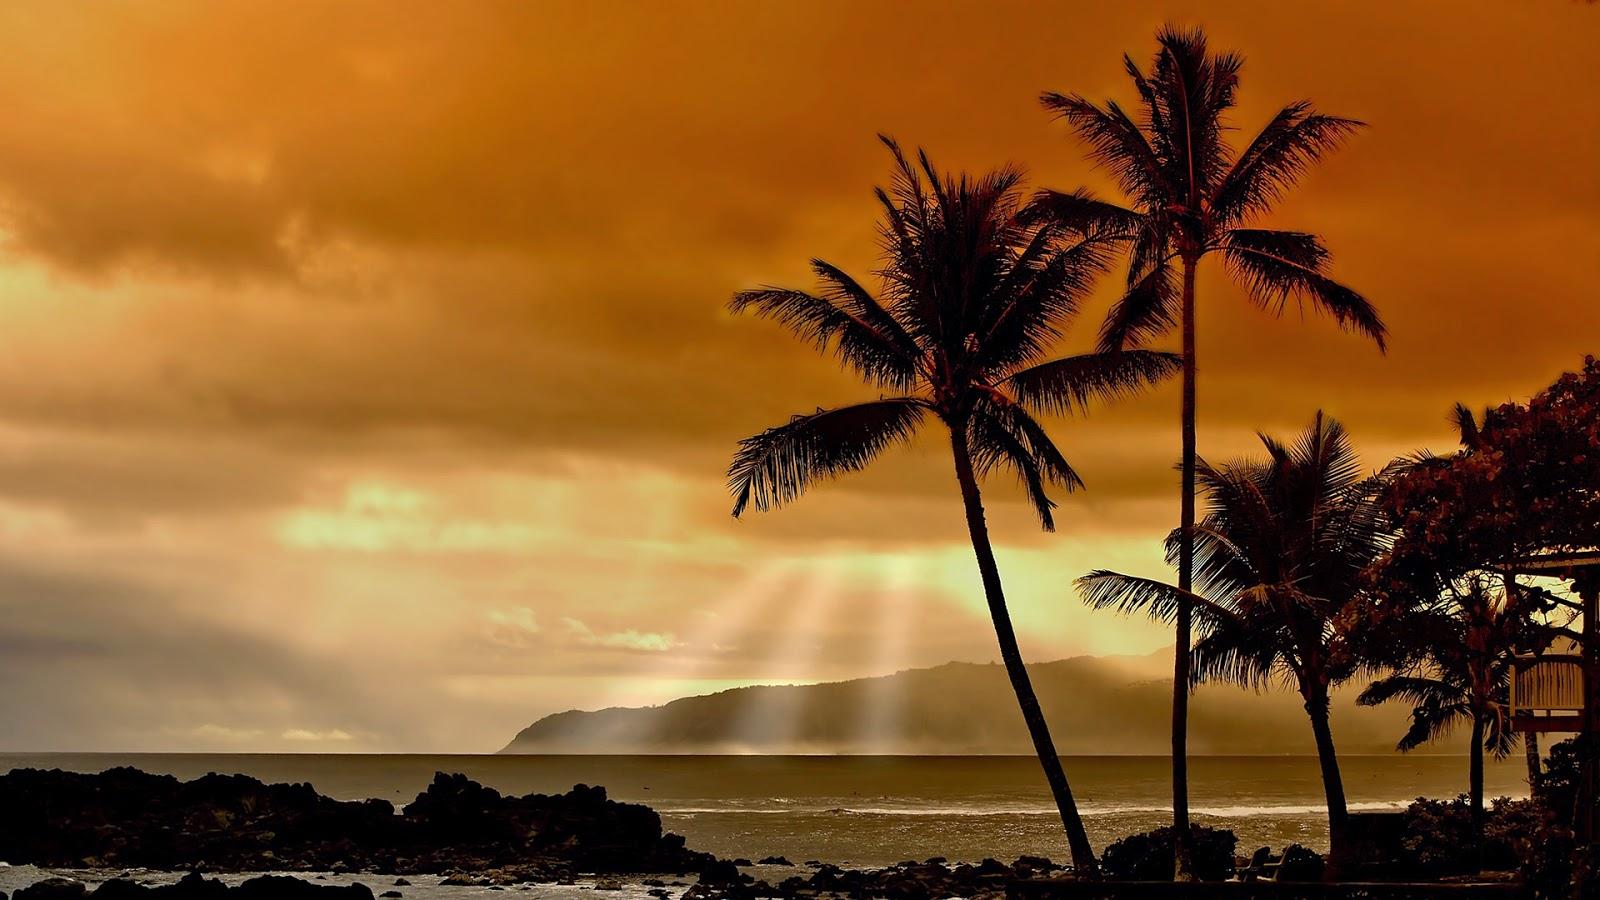 Achtergrond met eiland met palmbomen bij zonsondergang